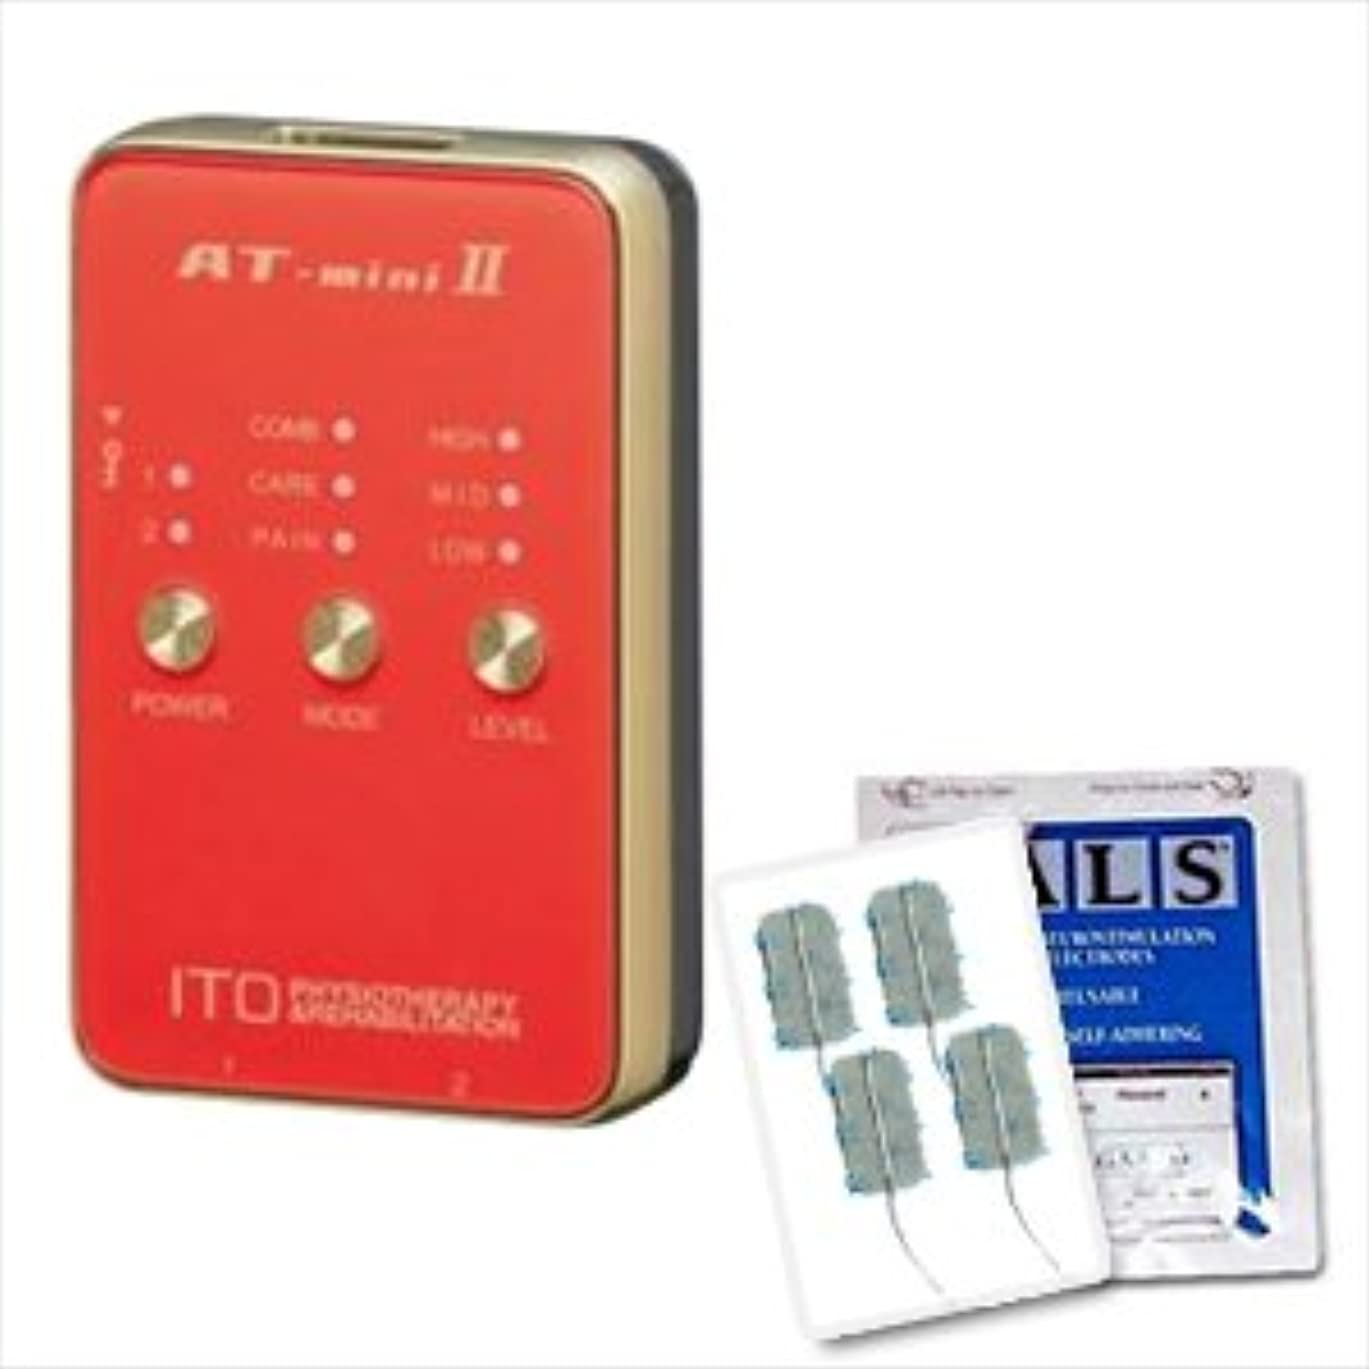 抵抗するレコーダークリーナー低周波治療器 AT-mini II オレンジ +アクセルガードLサイズ(5x9cm:1袋4枚入)セット